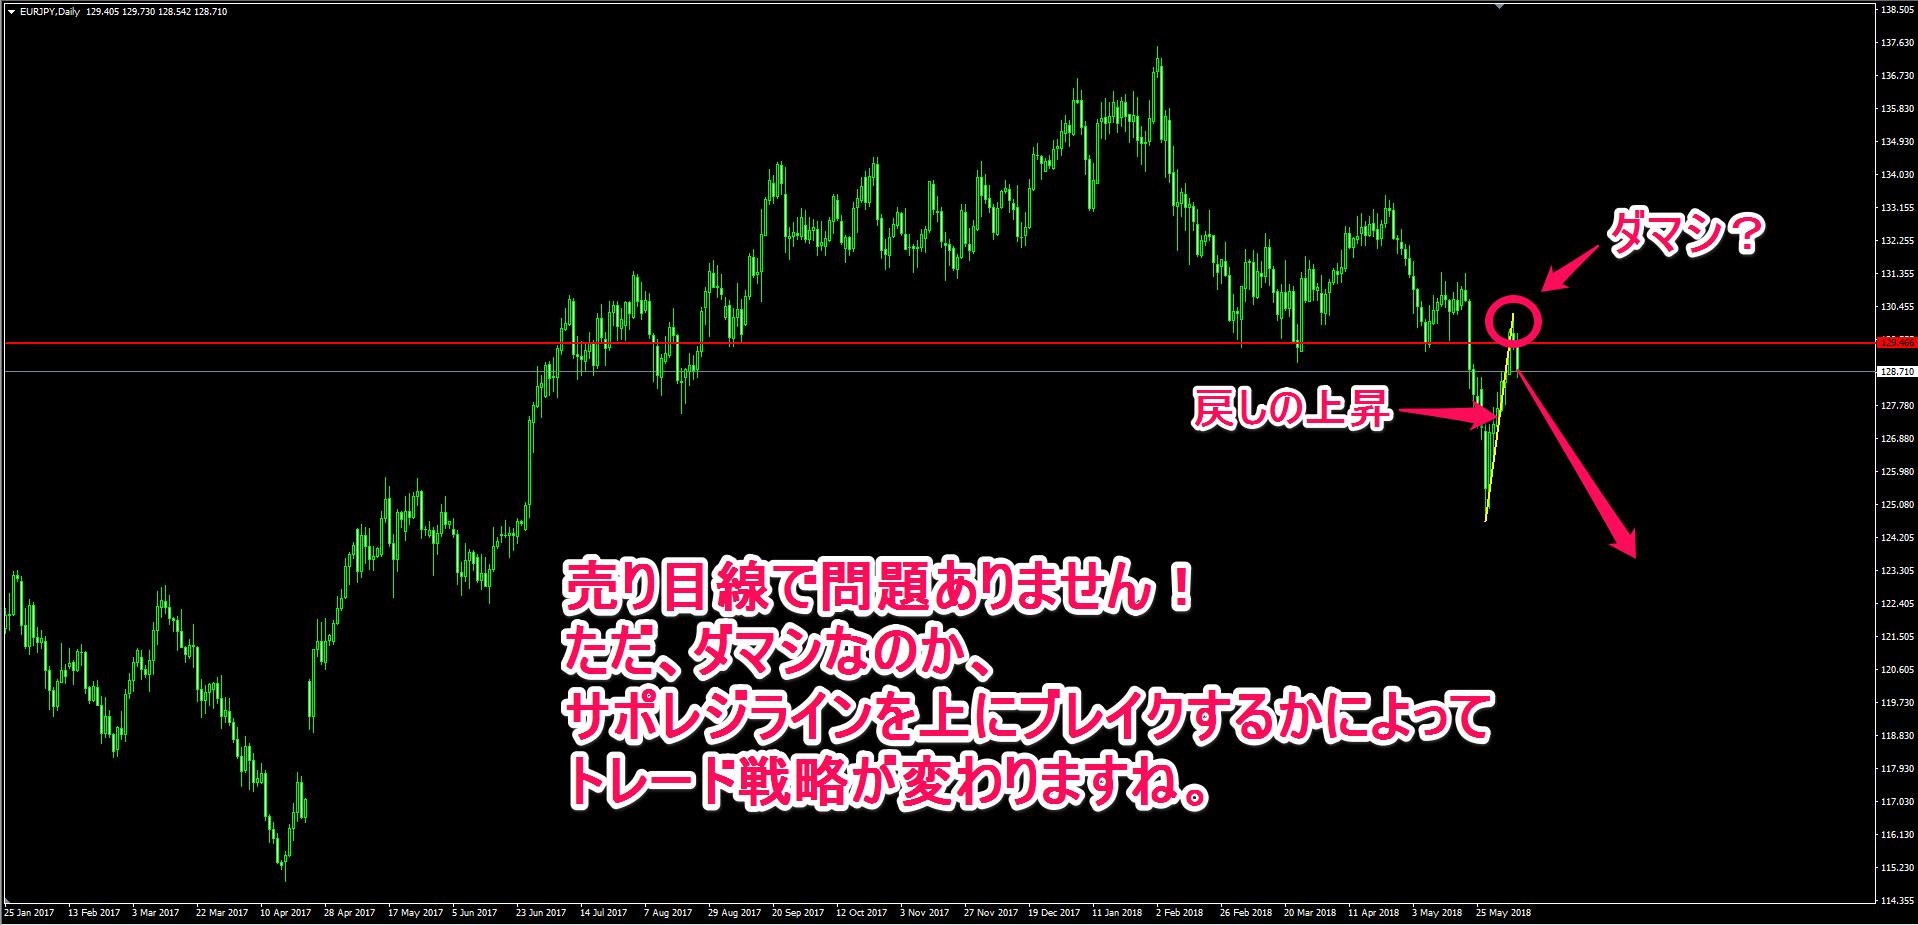 ユーロ円の日足チャート